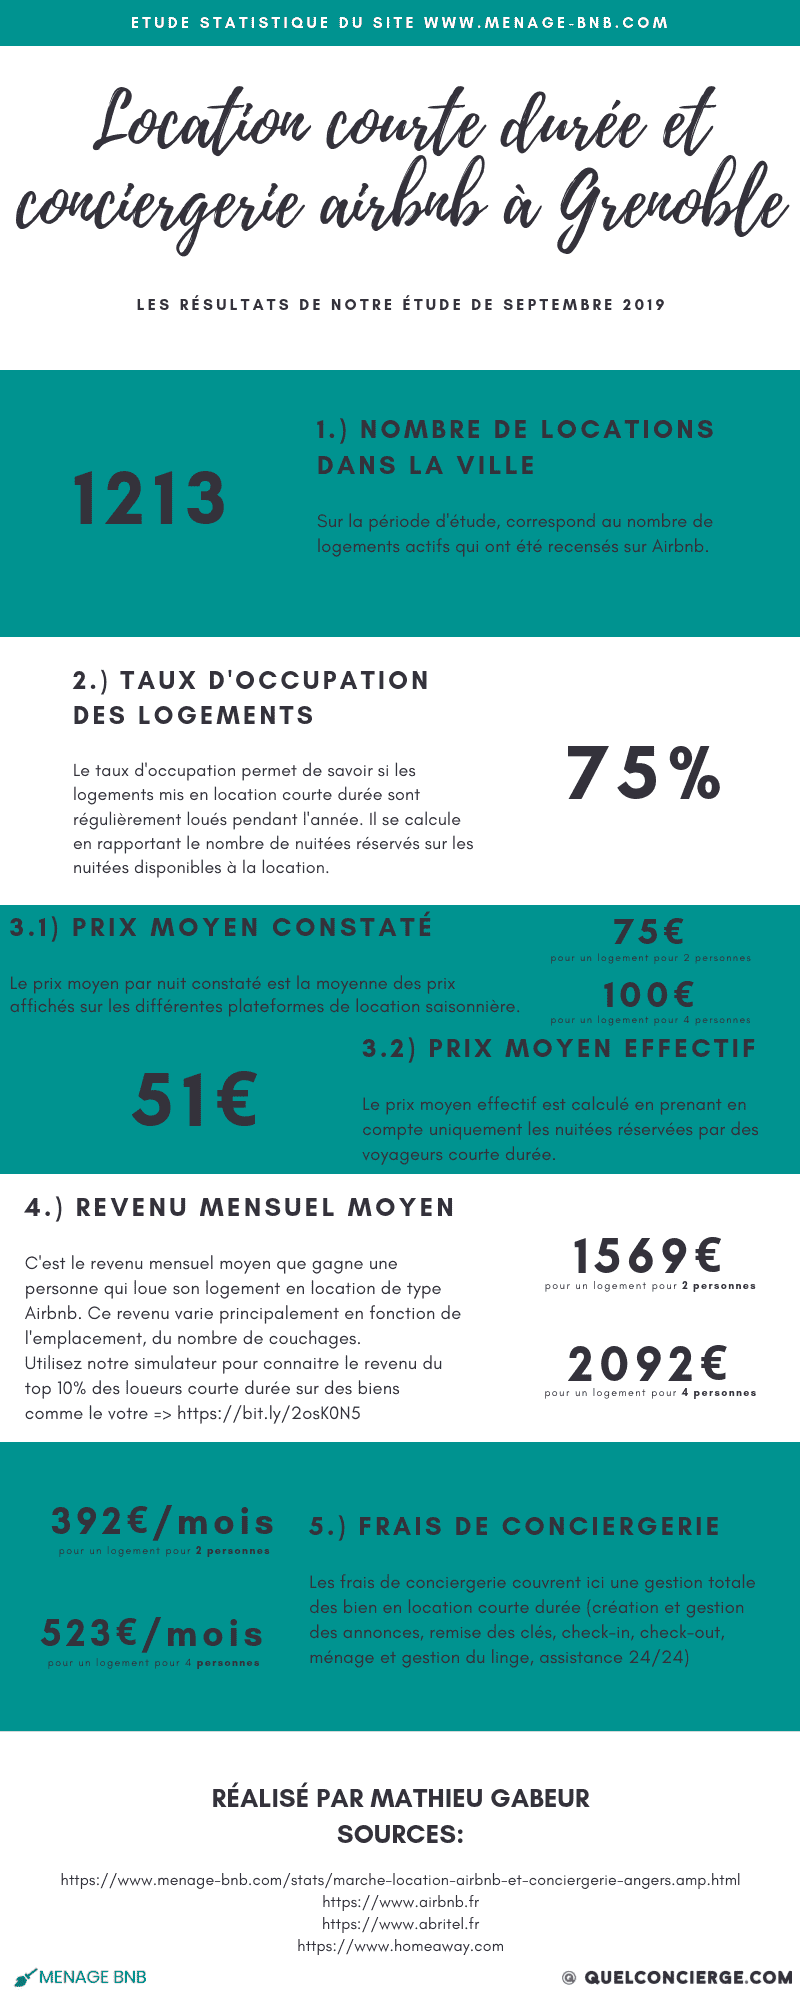 Infographie statistique location courte durée et conciergerie Airbnb à grenoble